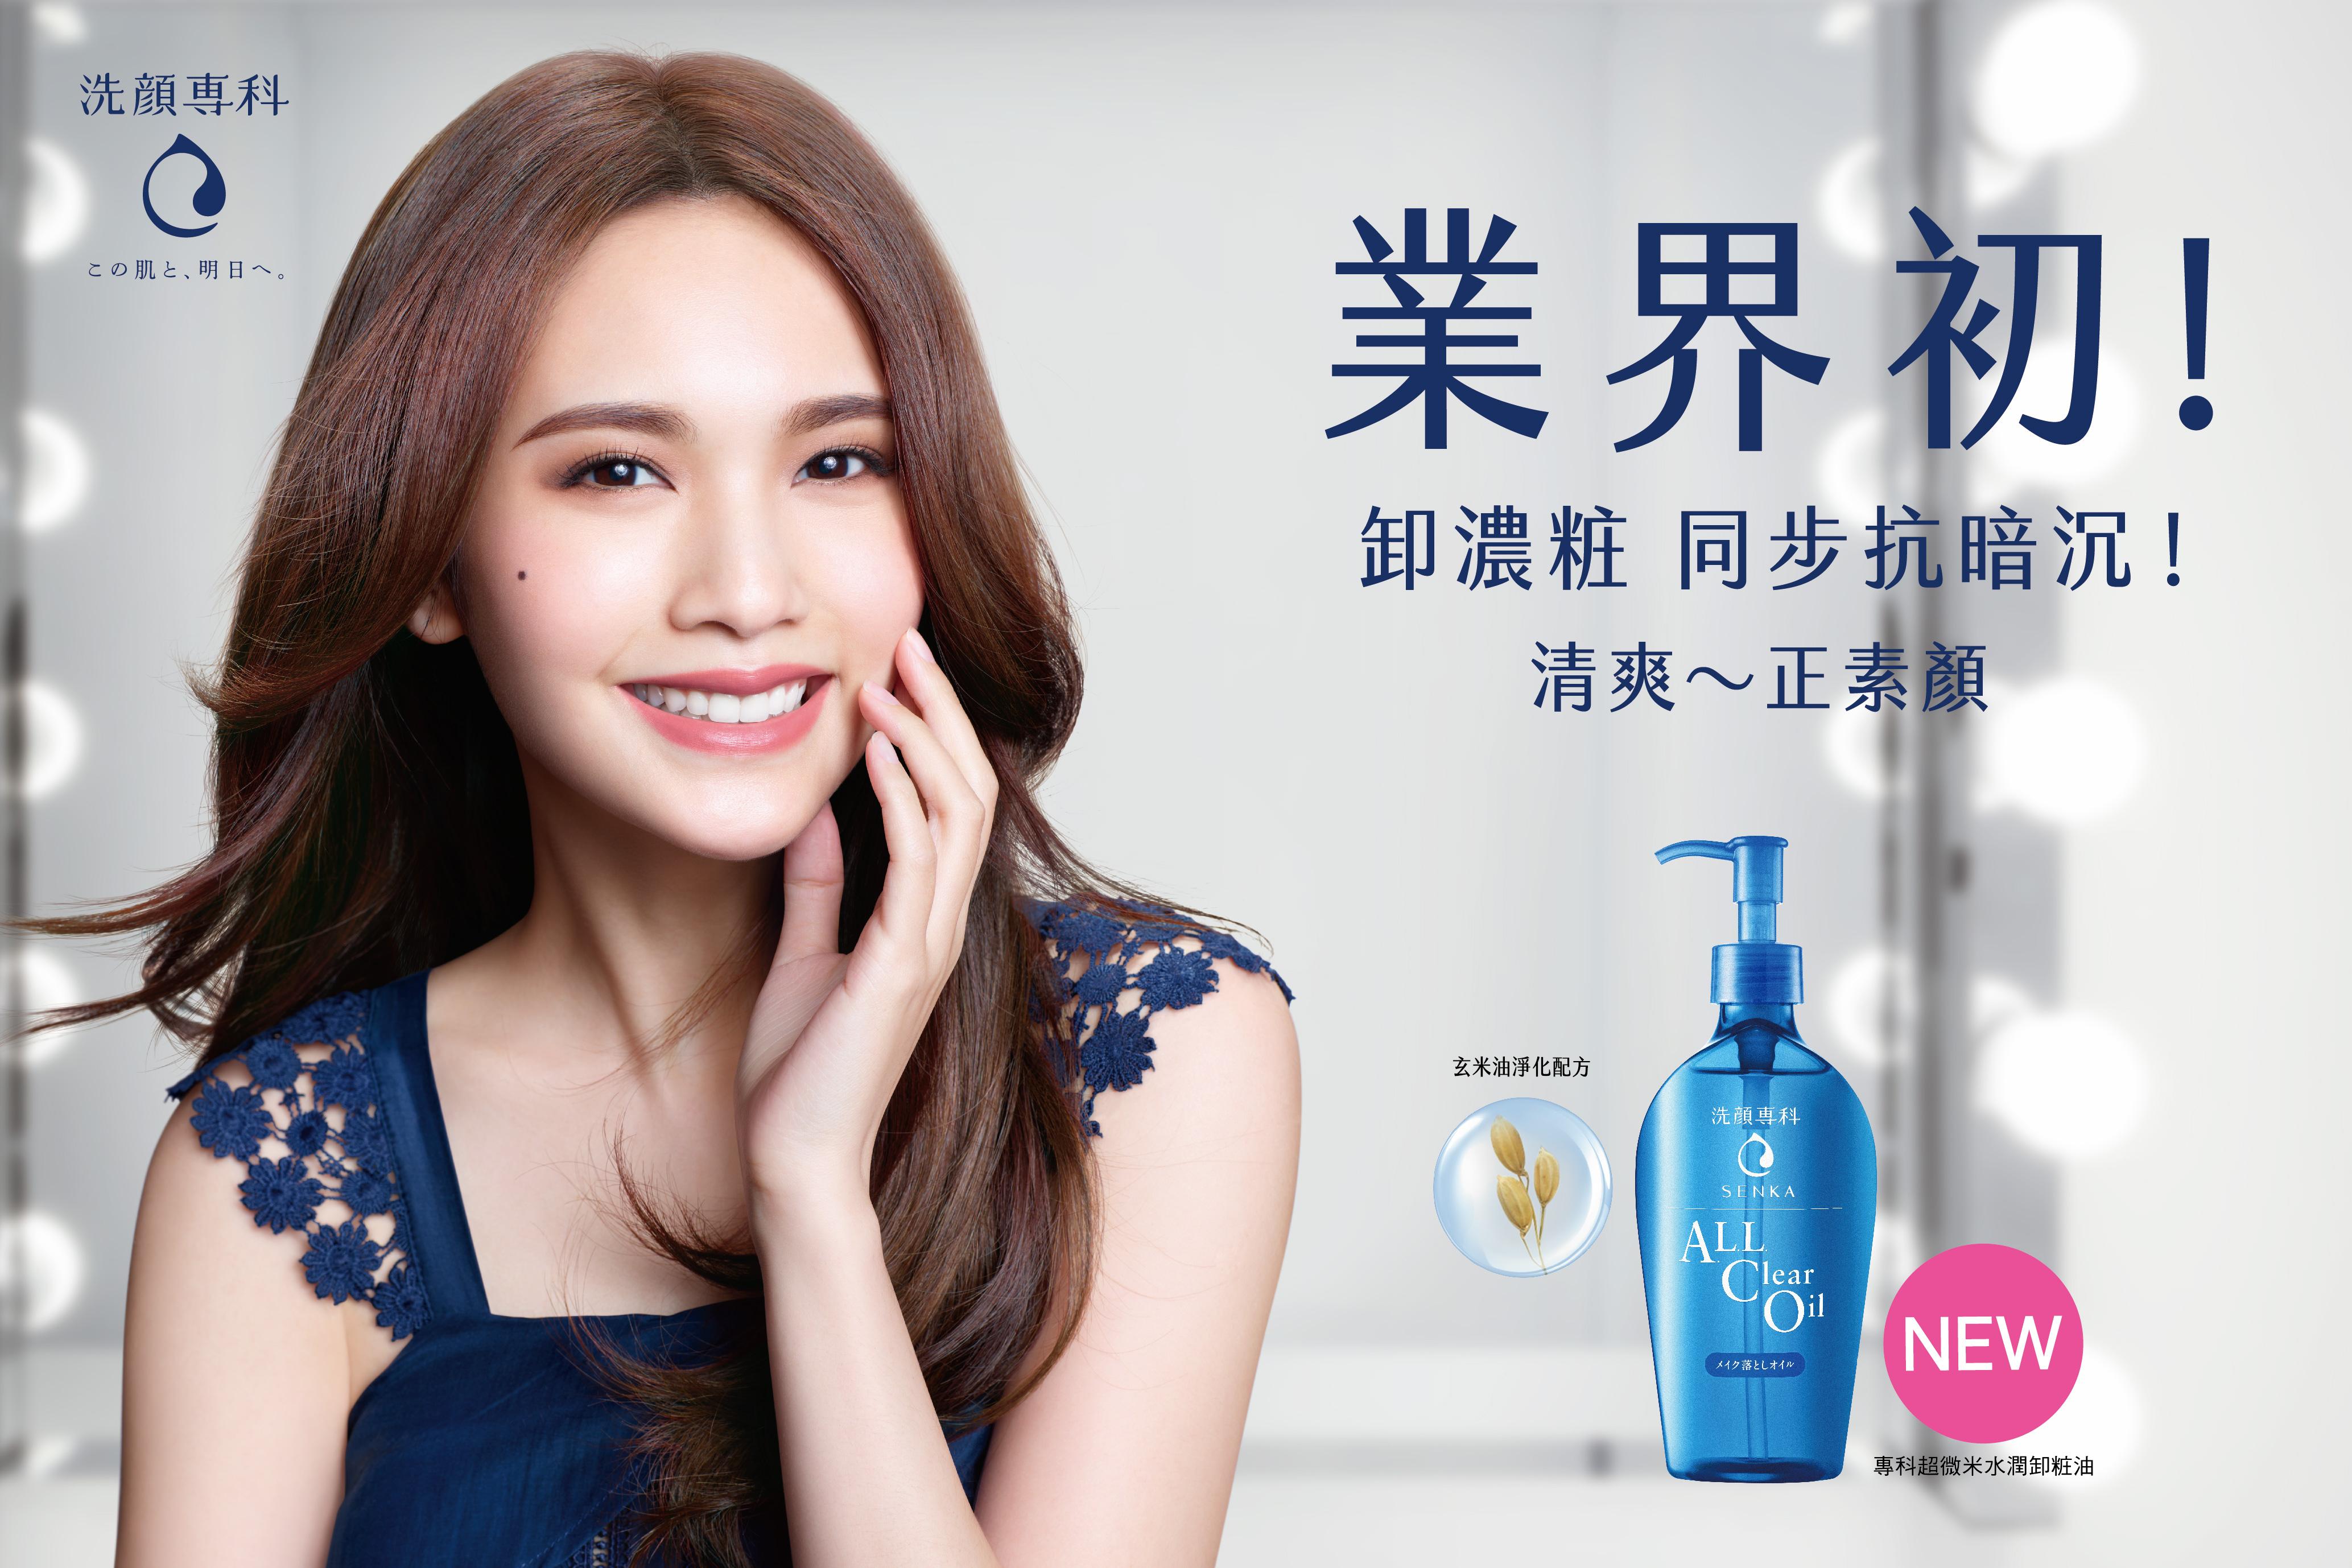 洗顏專科-超微米水潤卸妝油平面稿商品